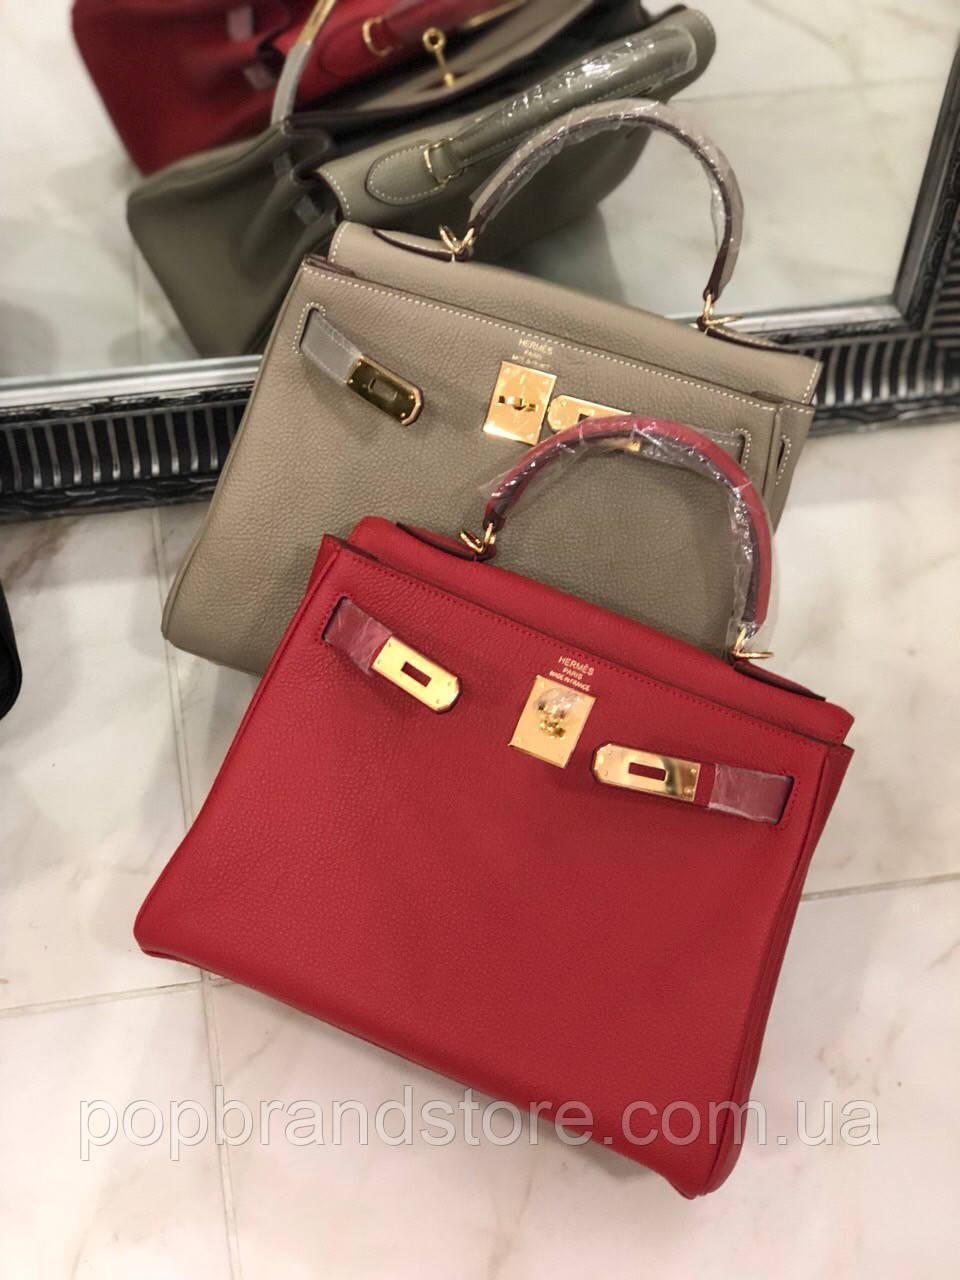 Женская сумка Гермес Келли 28 см натуральная кожа (реплика)  продажа ... 6c0c15403d4